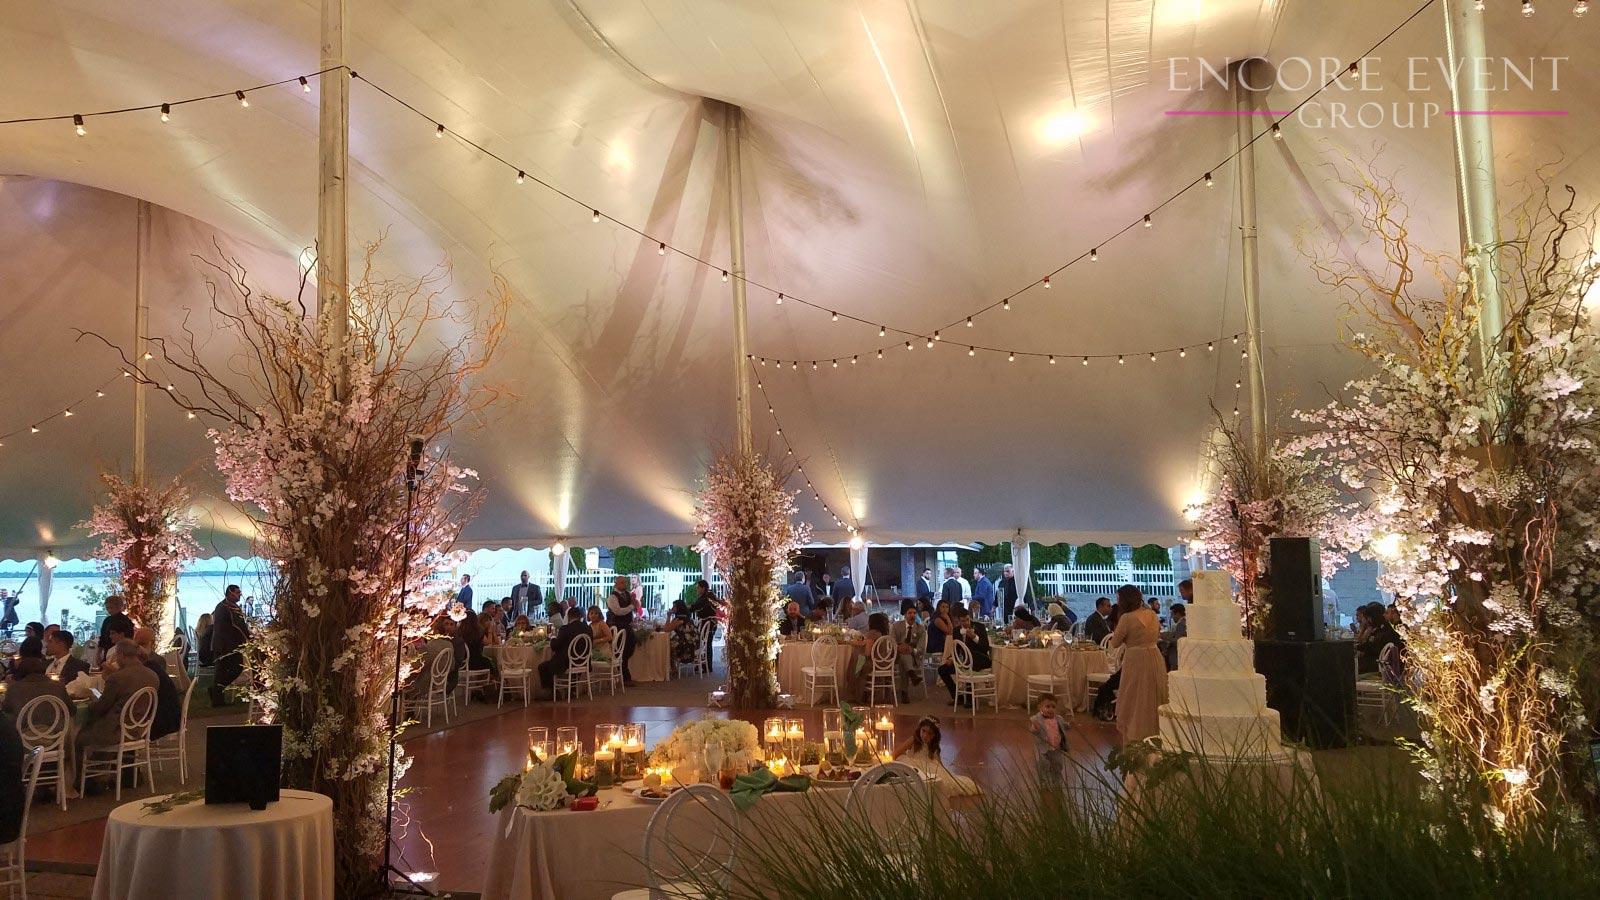 Silver Shores Wyandotte Tent Wedding & Silver Shores Wyandotte Tent Wedding | Encore Event Group